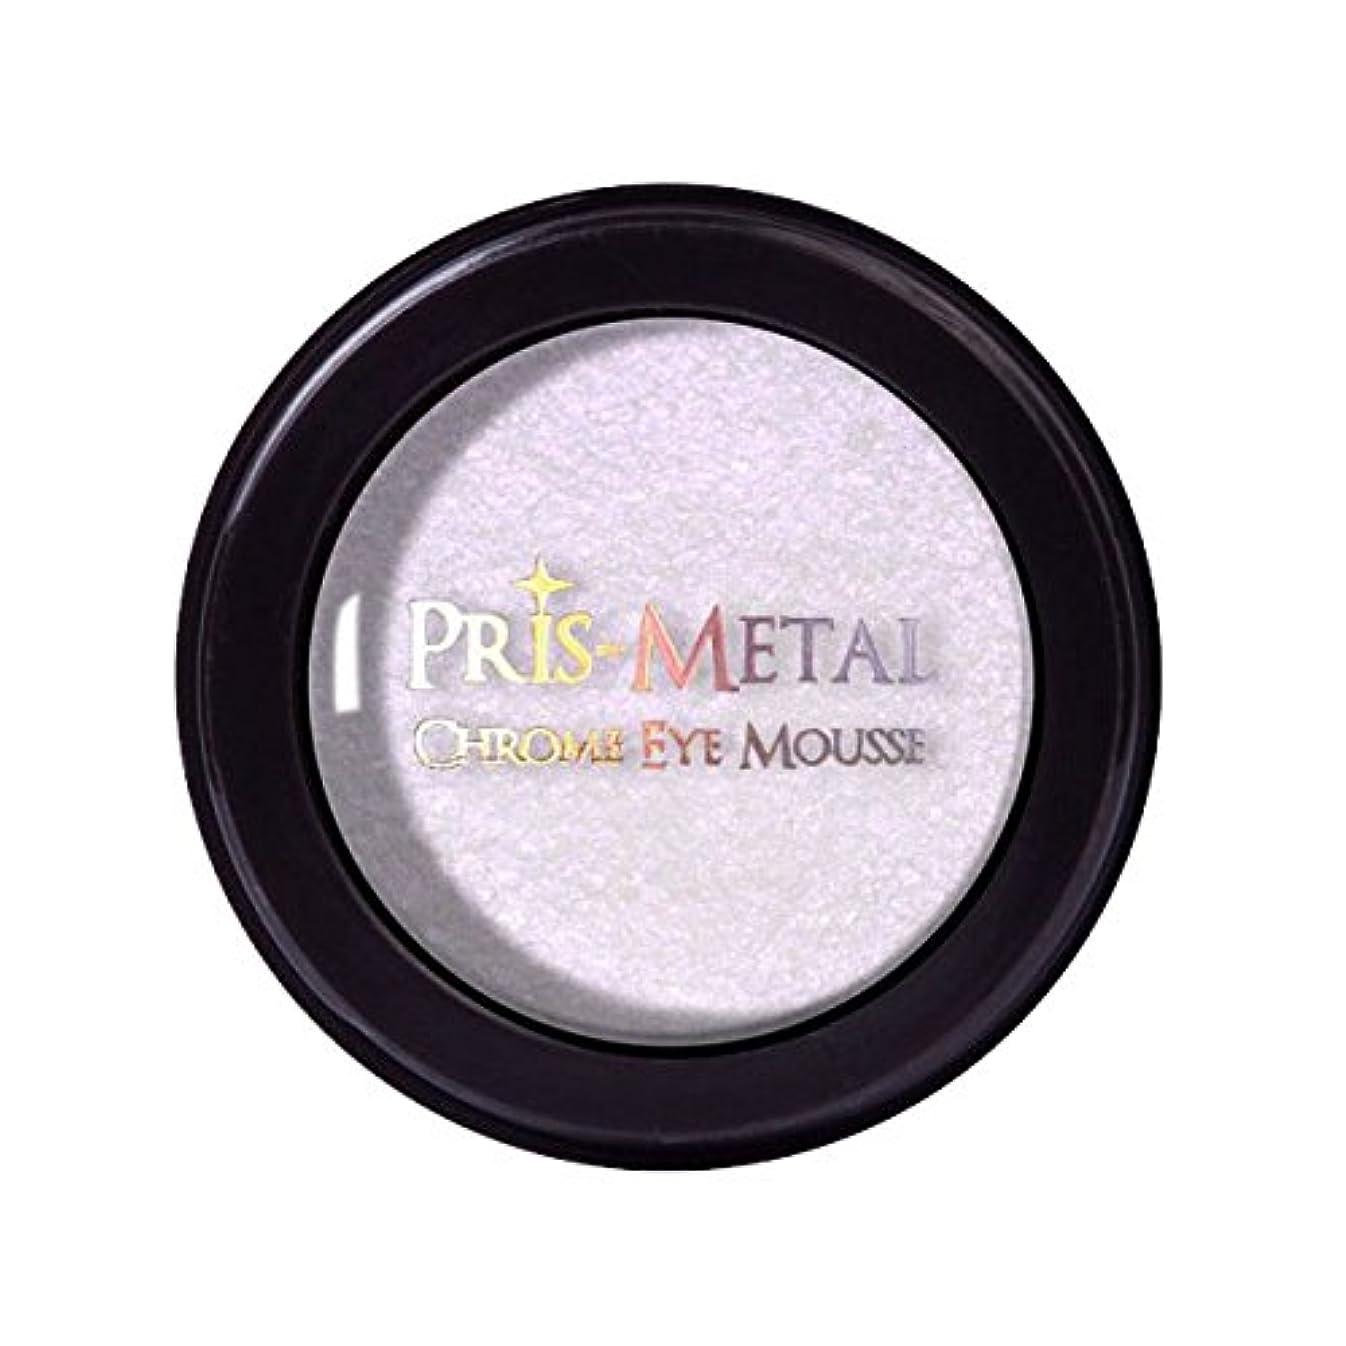 きょうだい枯渇ベルト(3 Pack) J. CAT BEAUTY Pris-Metal Chrome Eye Mousse - Pinky Promise (並行輸入品)